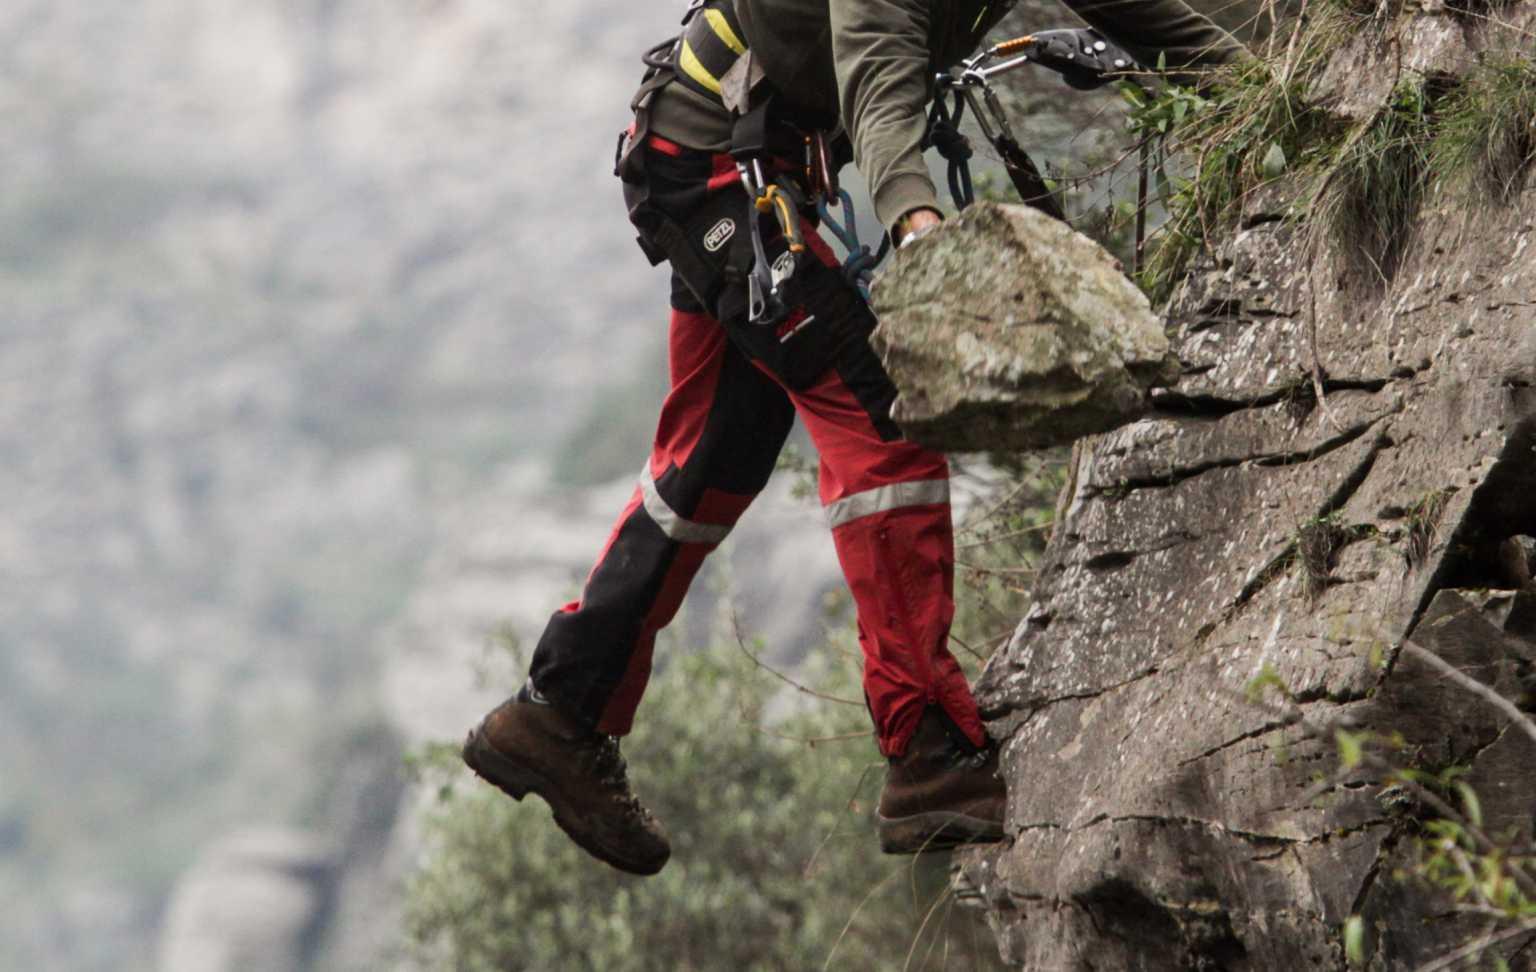 Πάρνηθα: Συναγερμός για ορειβάτη που έπεσε σε φαράγγι και εξαφανίστηκε